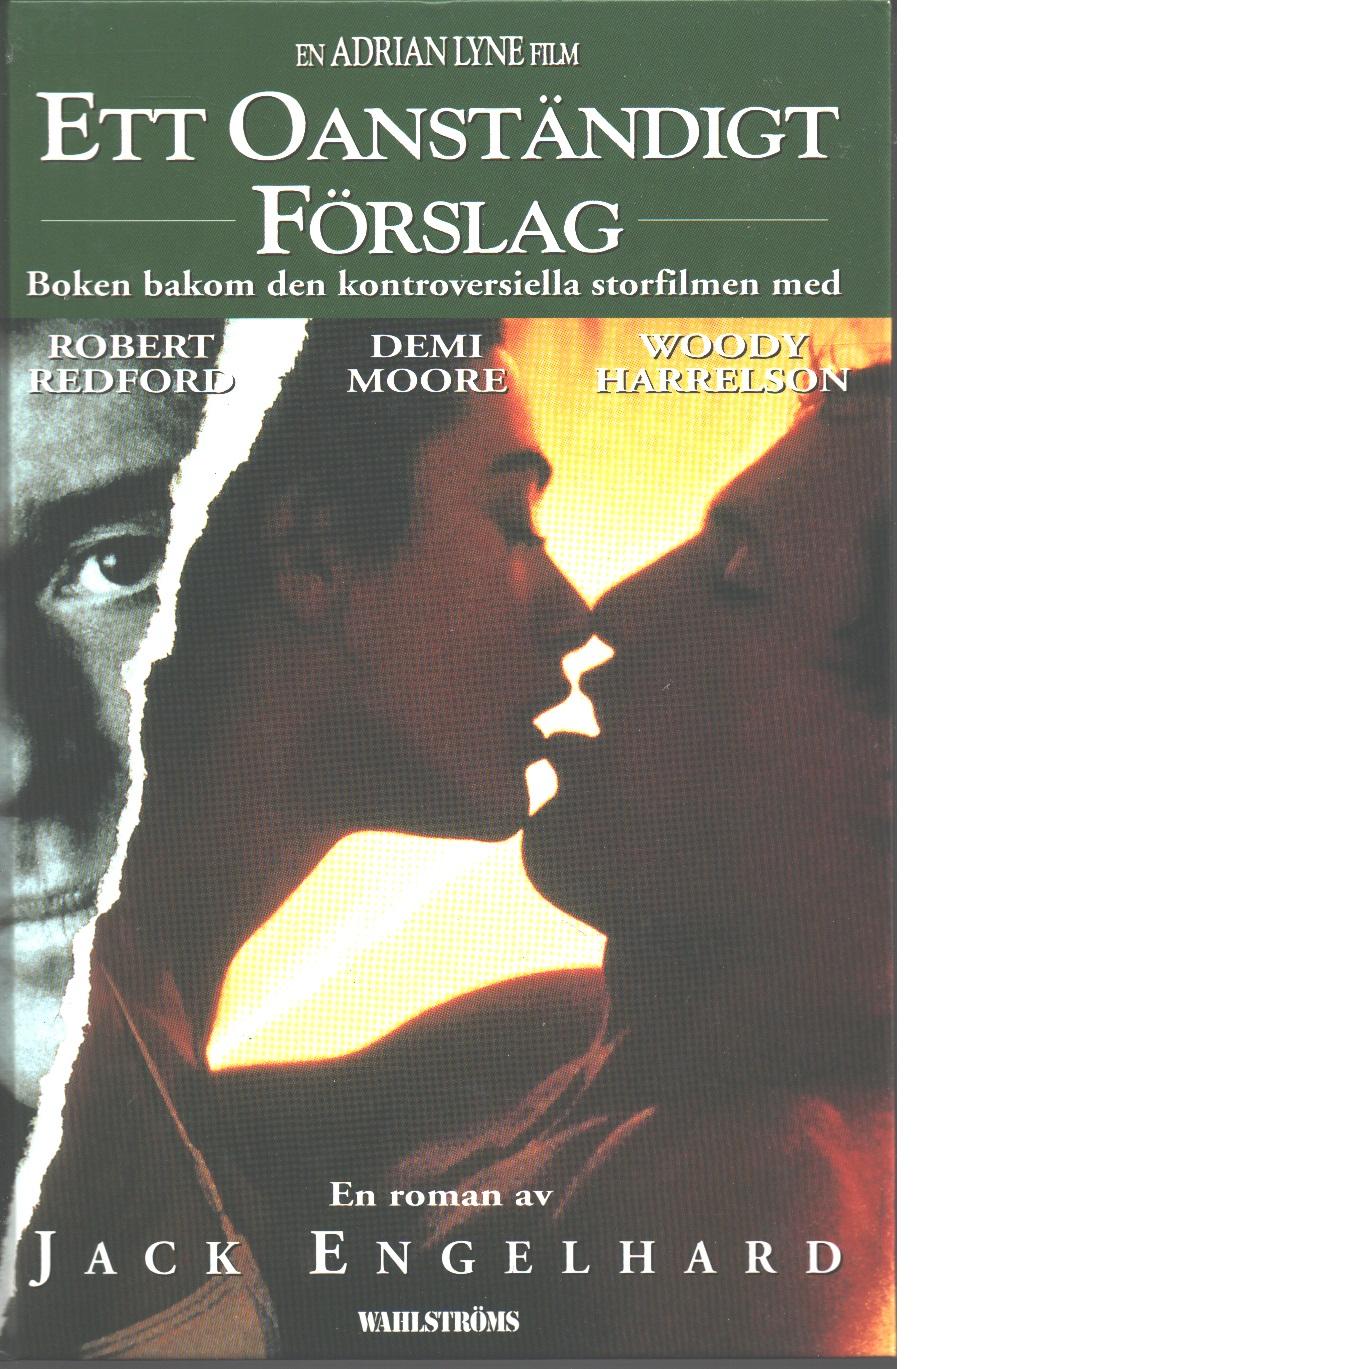 Ett oanständigt förslag - Engelhard, Jack